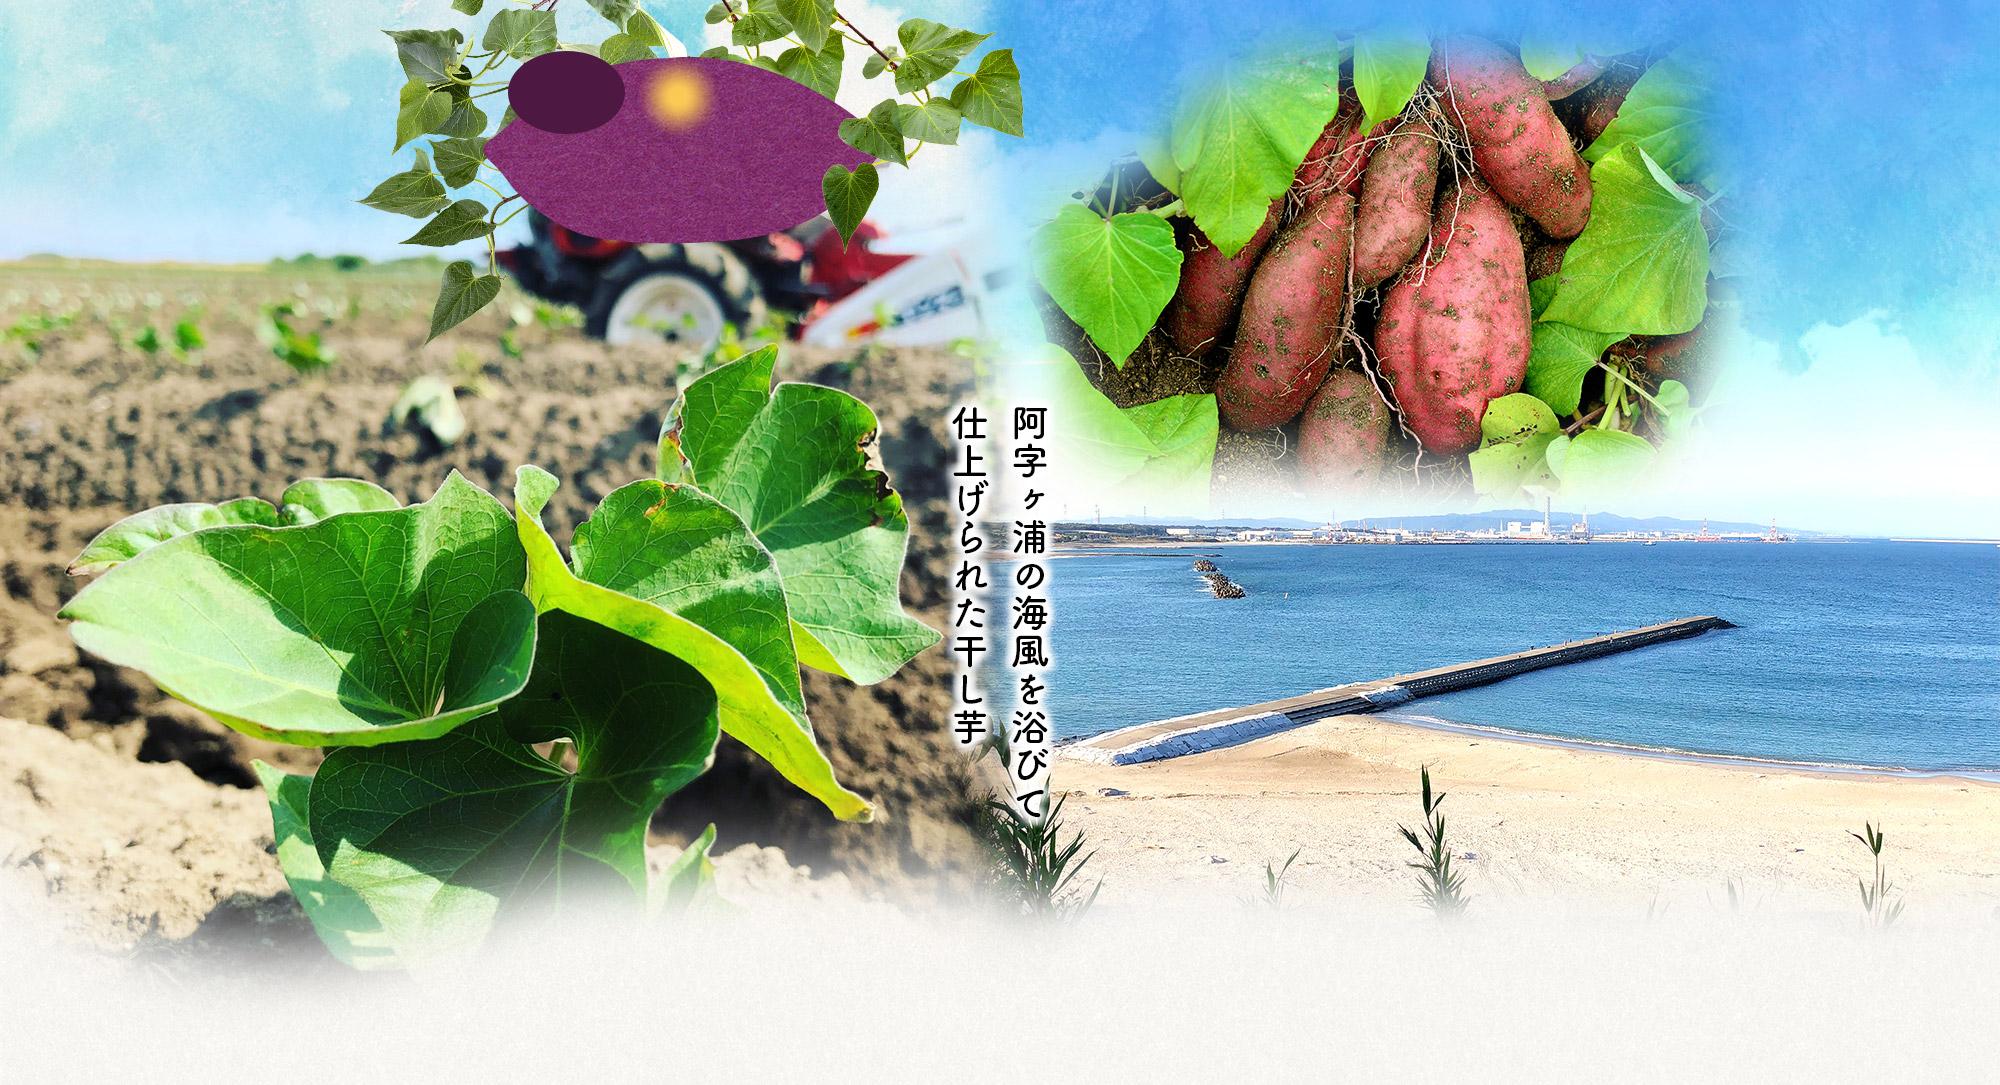 阿字ヶ浦の海風を浴びて仕上げられた干し芋